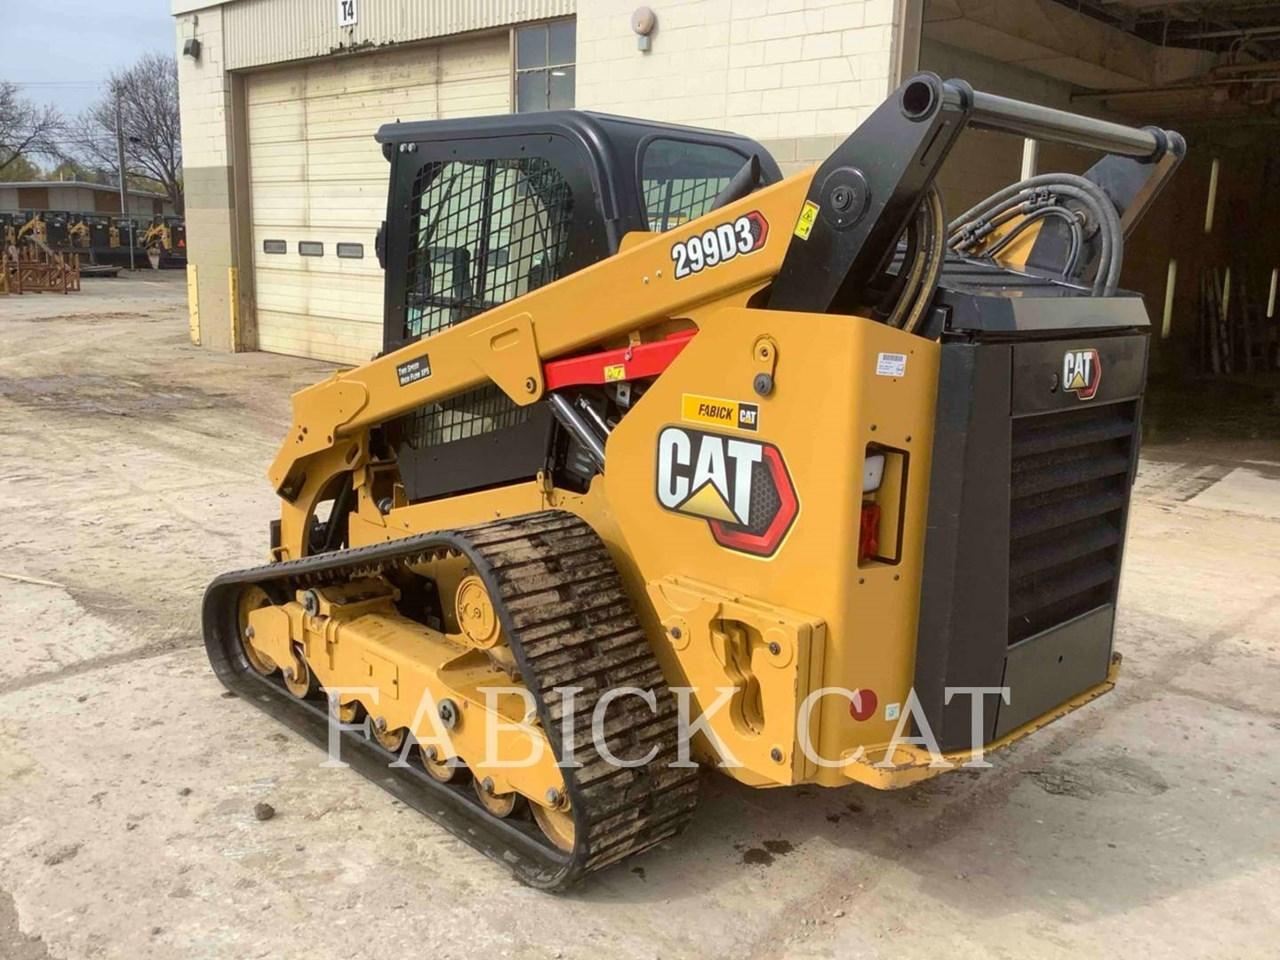 2020 Caterpillar 299D3 C3H3 Image 4